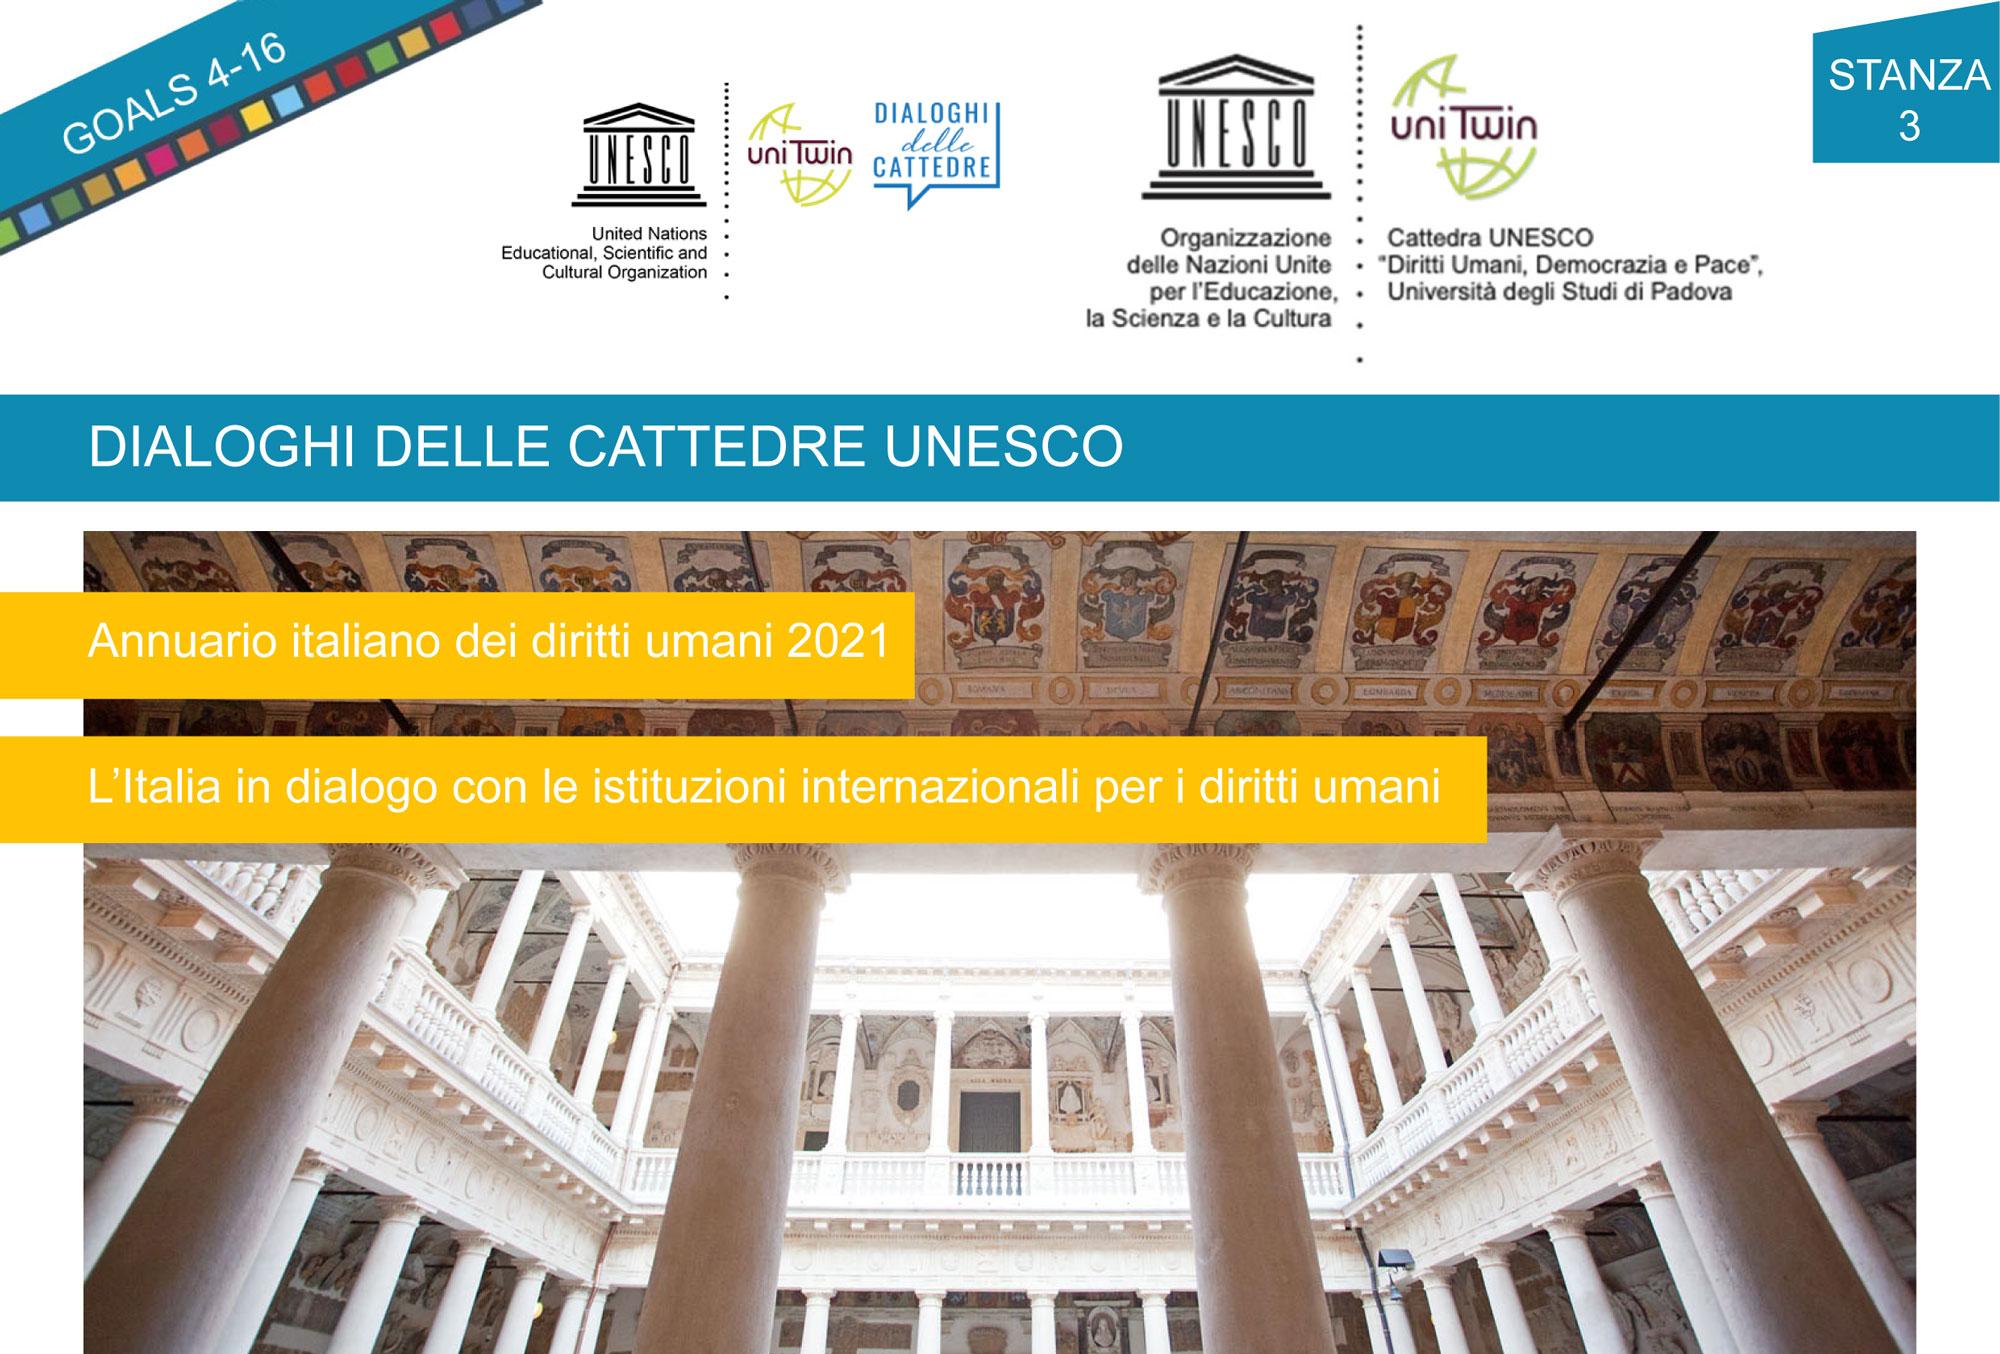 Annuario italiano dei diritti umani 2021. L'Italia in dialogo con le istituzioni internazionali per i diritti umani, 14 luglio 2021, poster